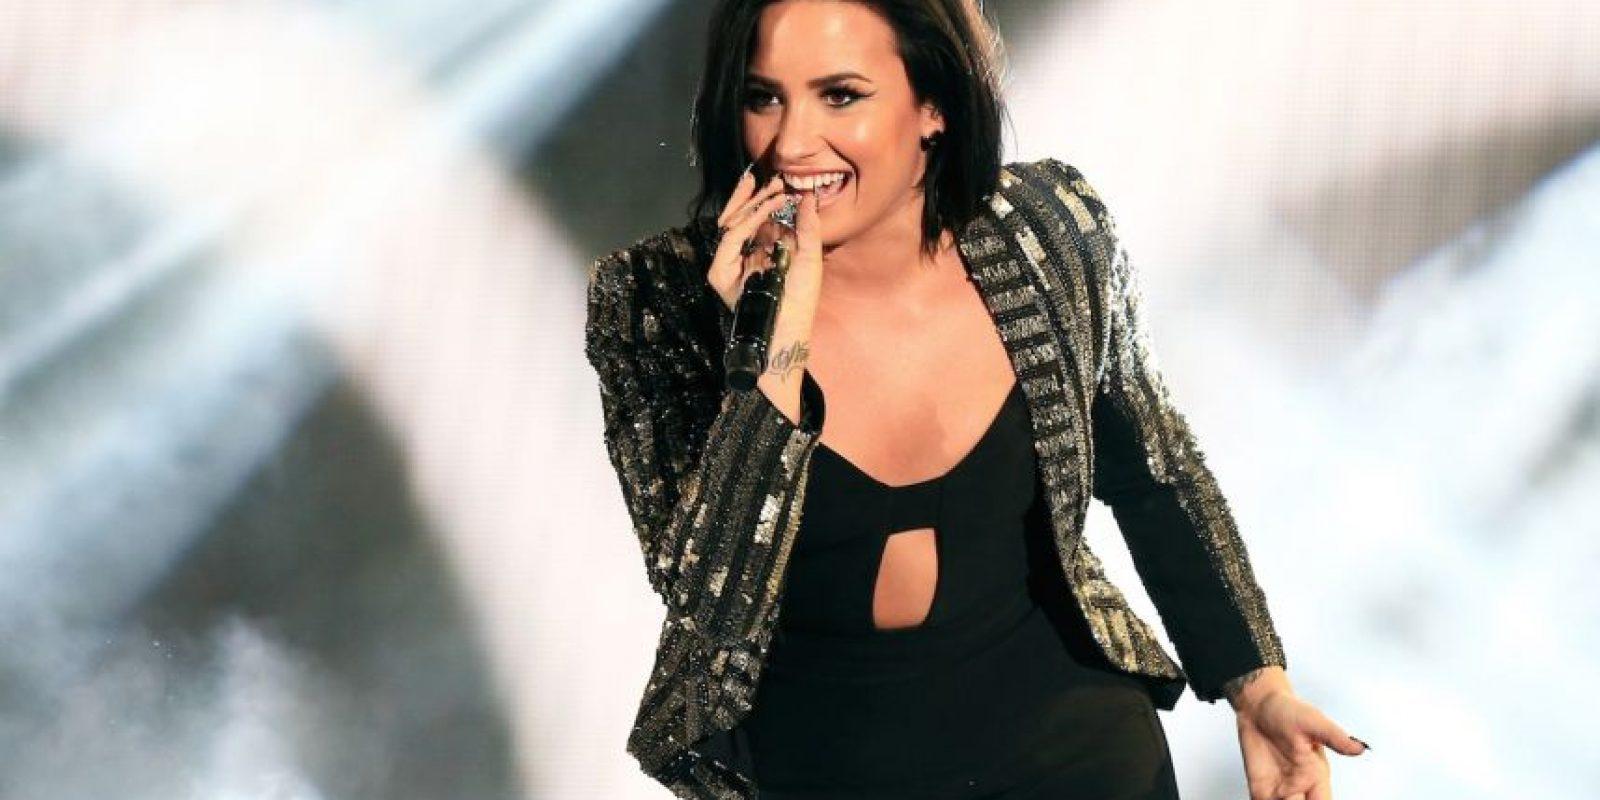 La artista dejó de lado la actuación para dedicarse a la música. Foto:Getty Images